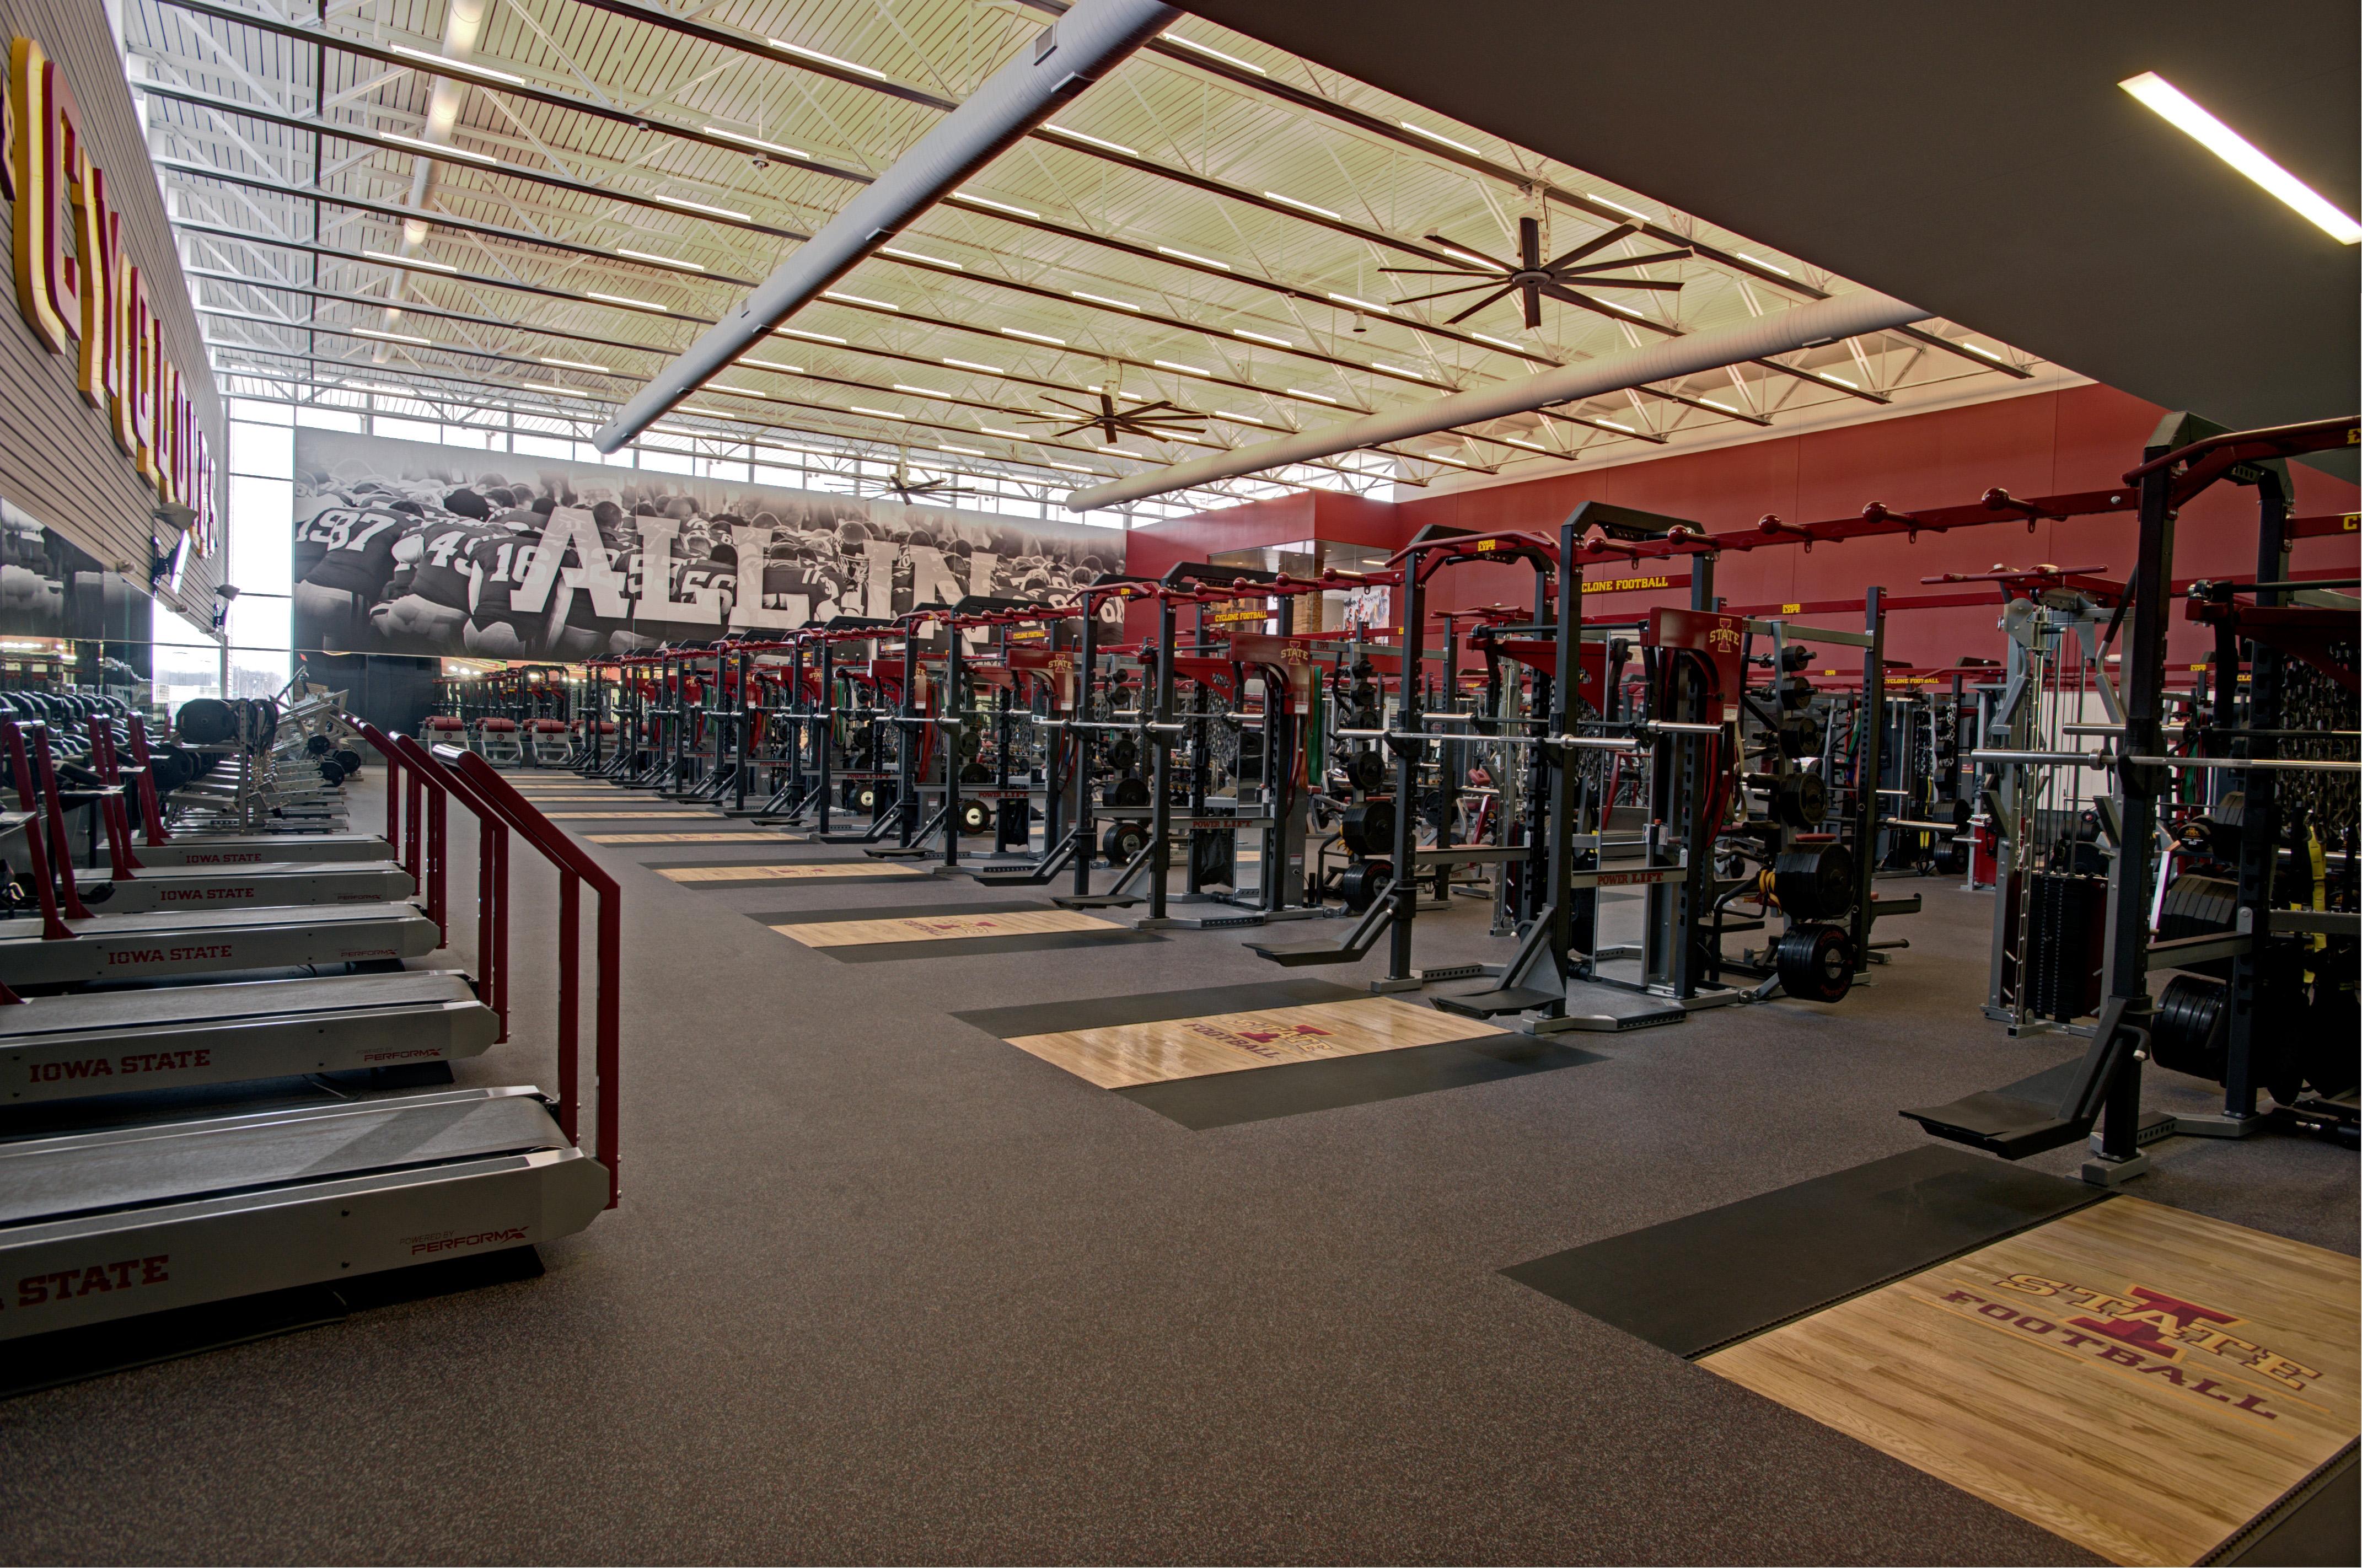 Iowa state university football weight room architect - Iowa state university interior design ...